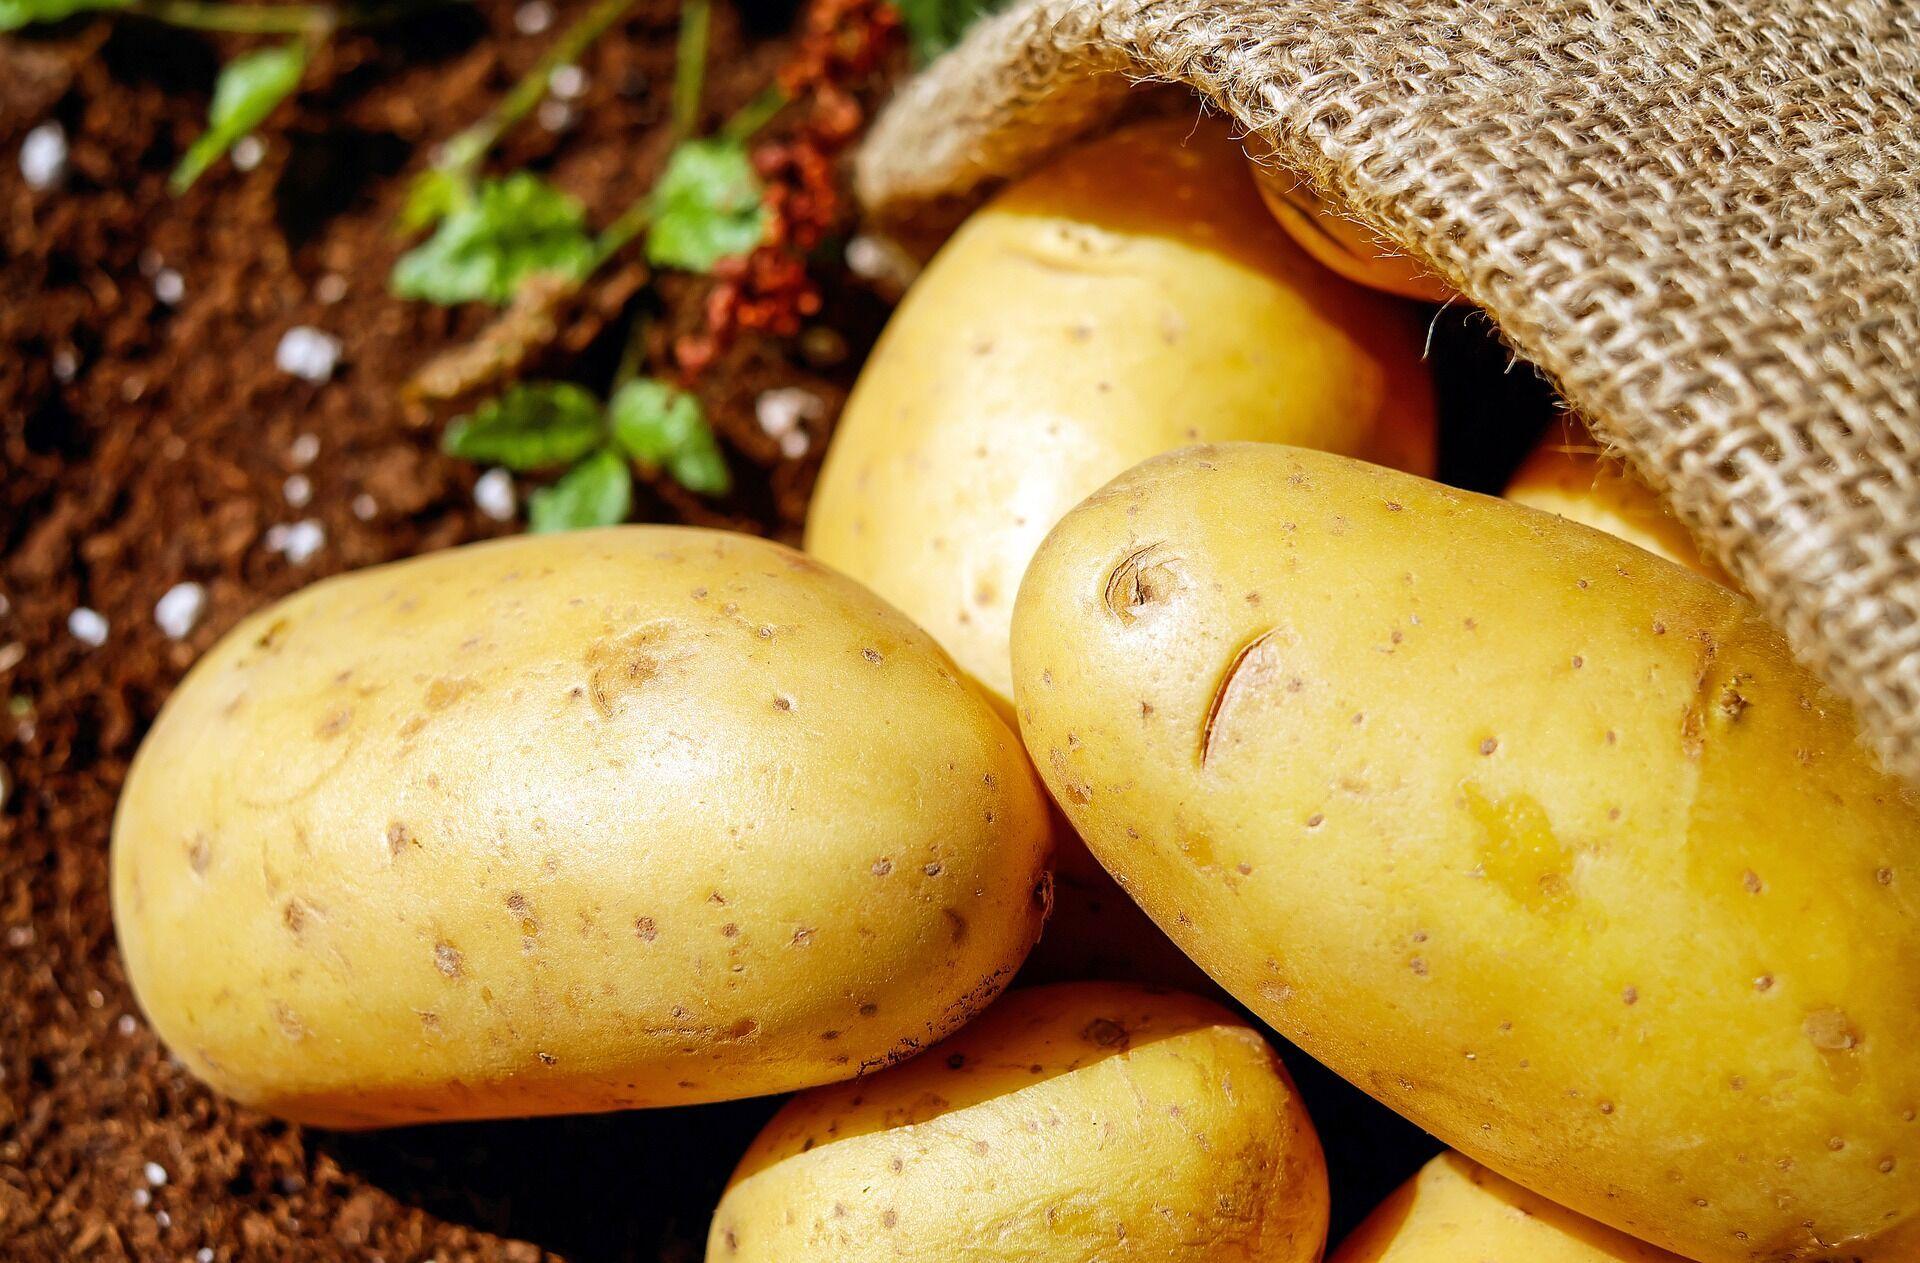 Выяснить, когда сажать картофель, можно по грунту